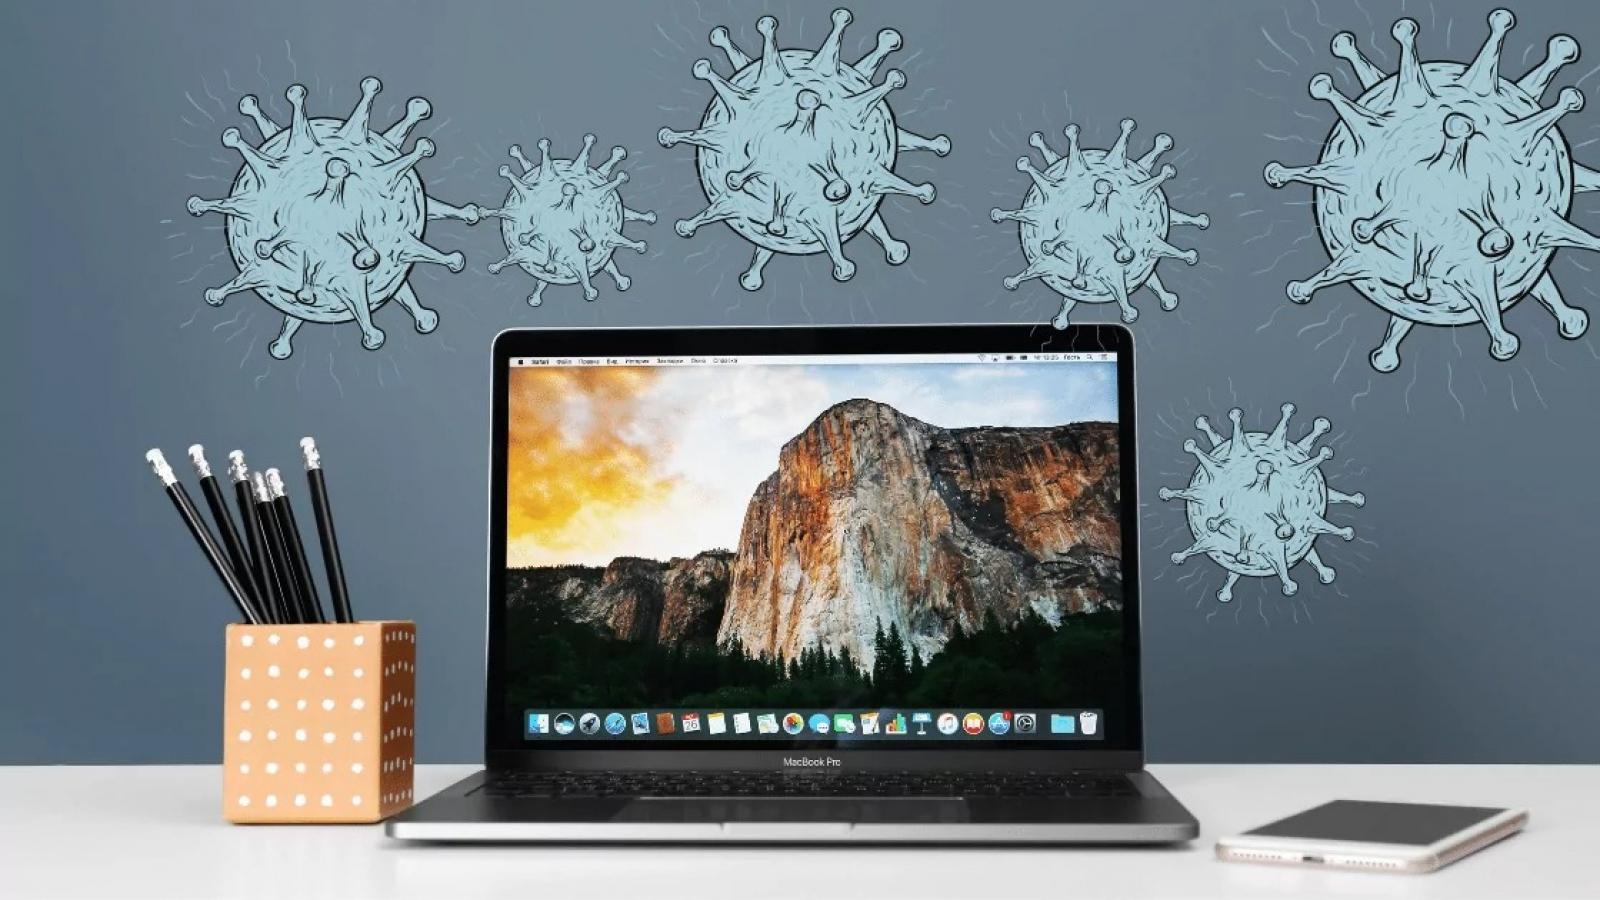 Apple thực hiện các biện pháp đối phó với chủng phần mềm độc hại macOS mới